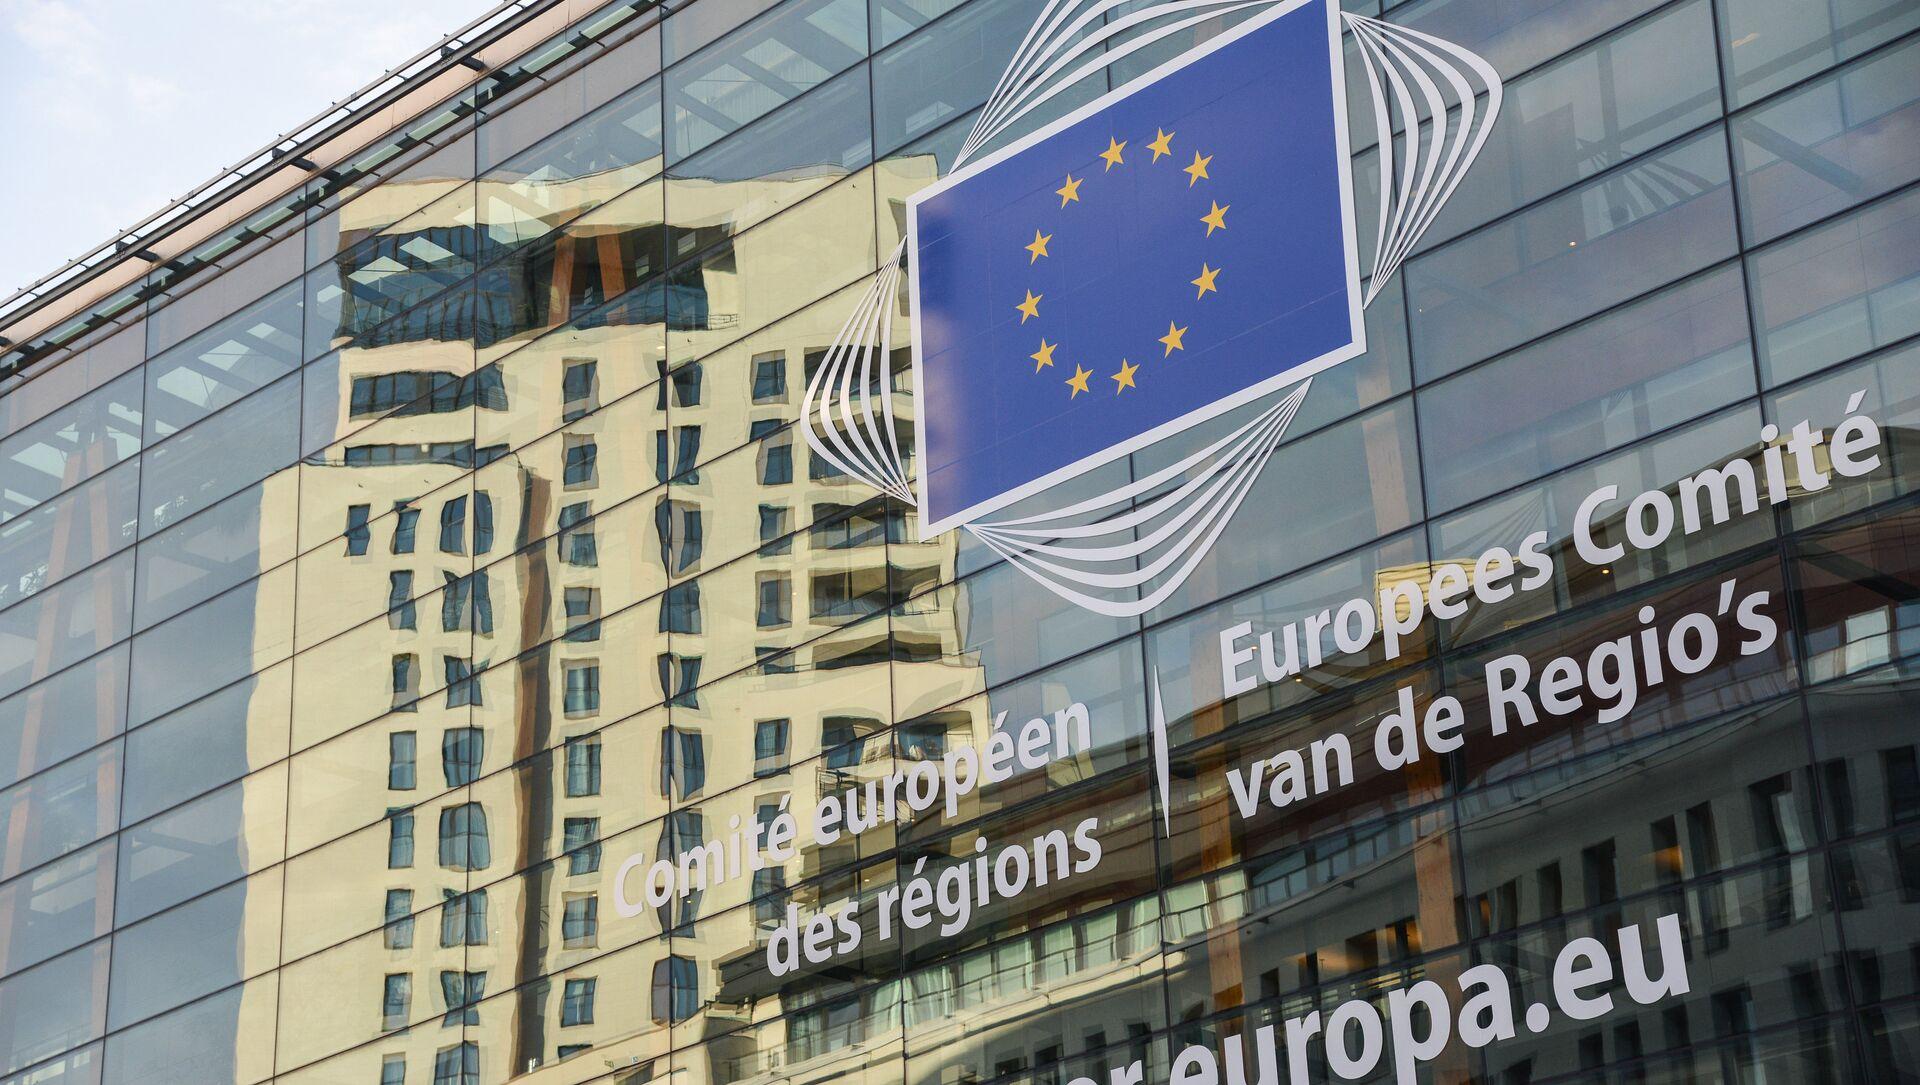 Le siège de la Commission européenne - Sputnik France, 1920, 09.09.2021